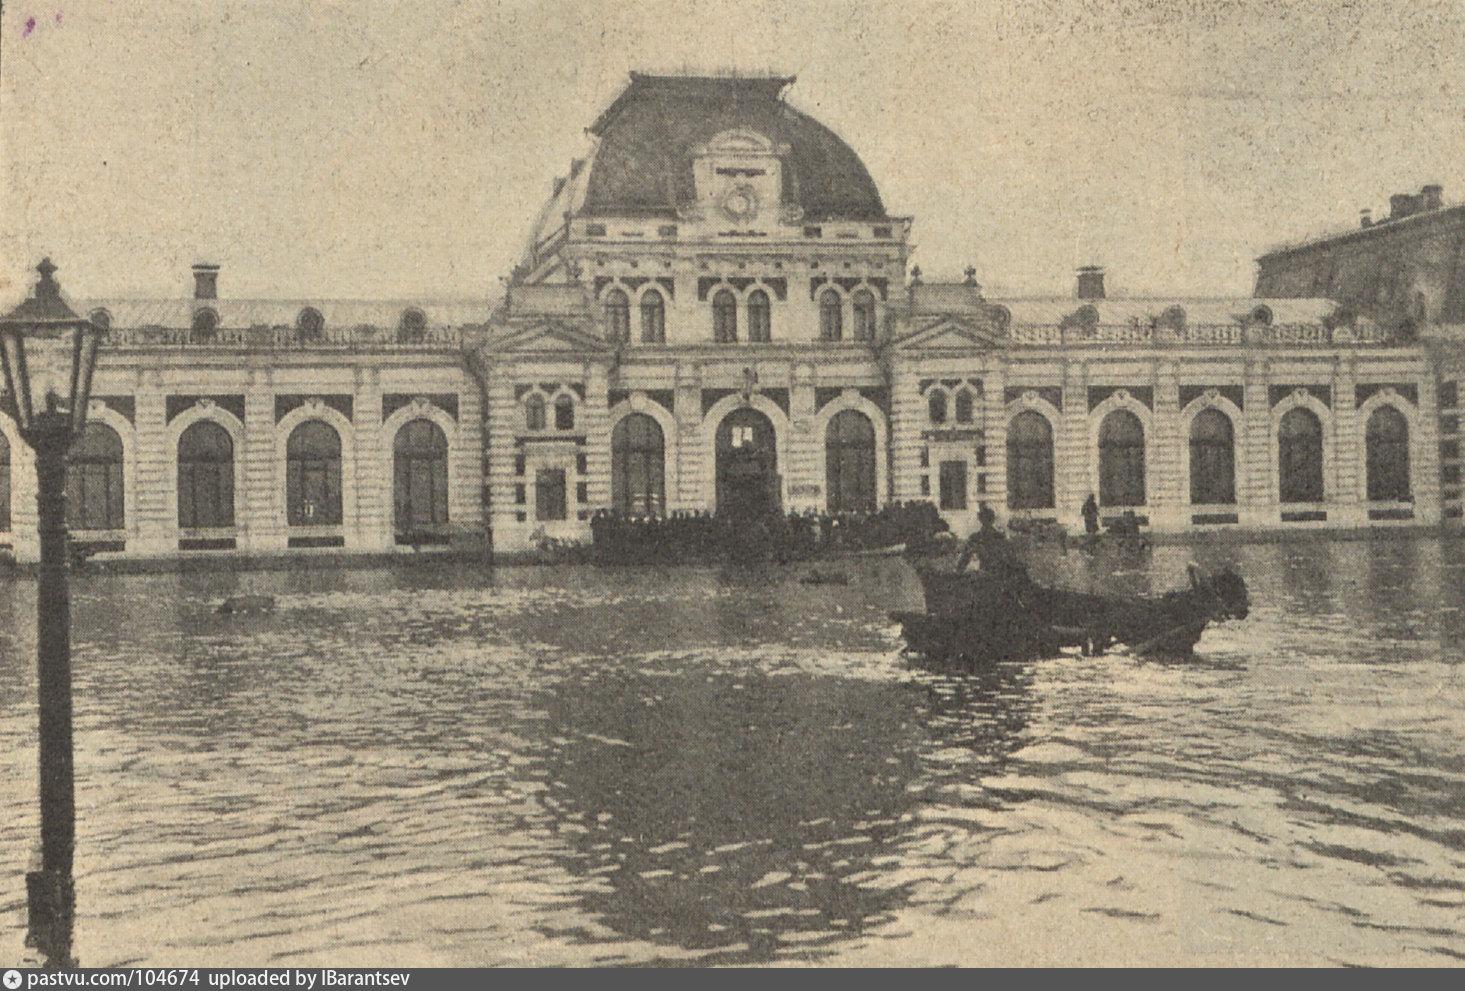 Павелецкий вокзал во время наводнения 1908 года.